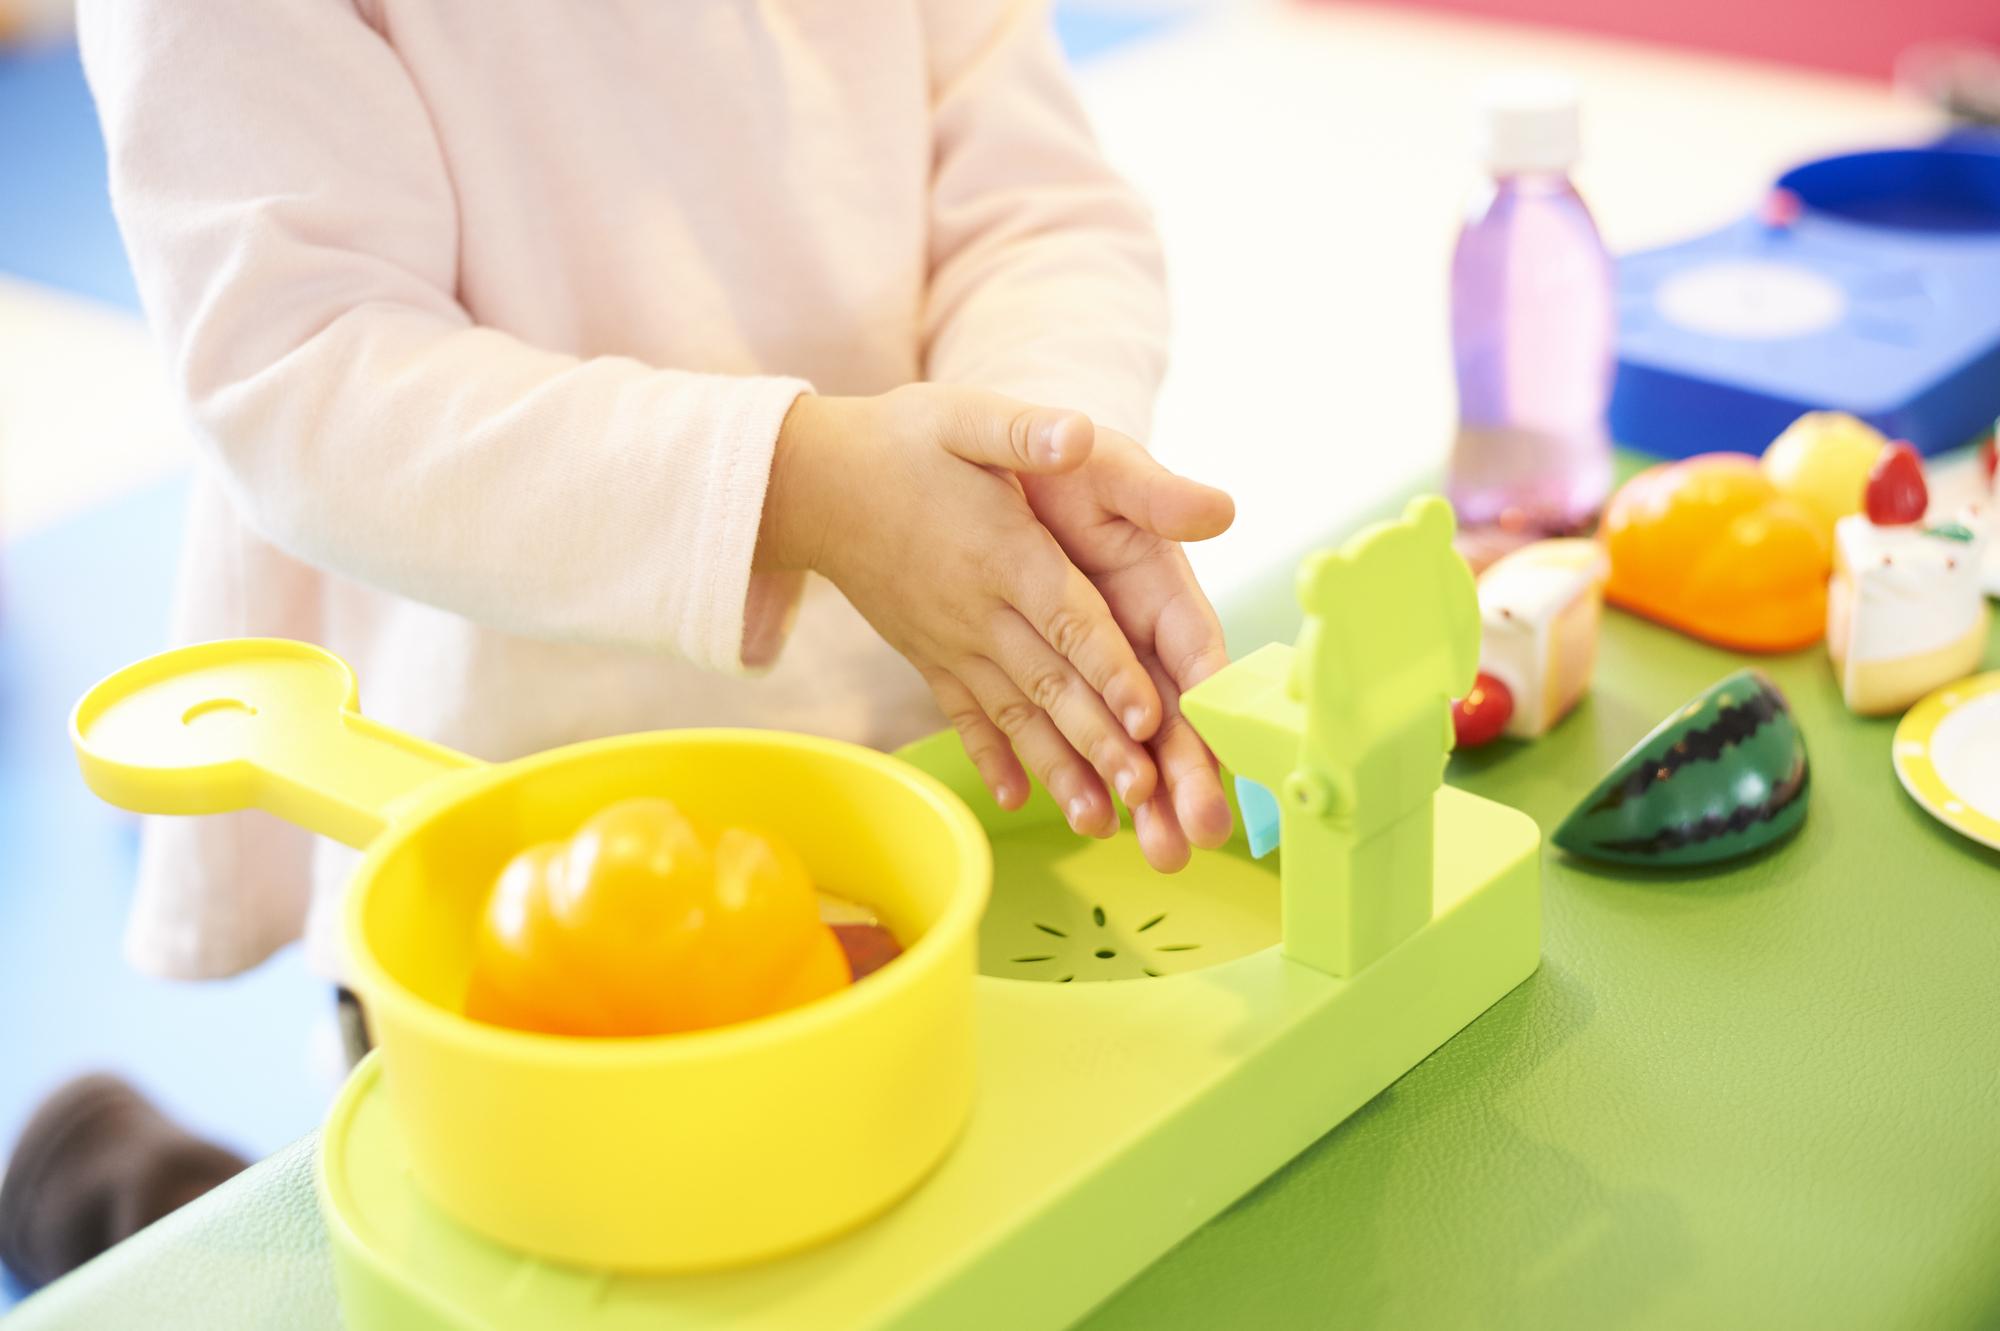 保育園で行うべきコロナウイルス対策|園児や先生に感染予防